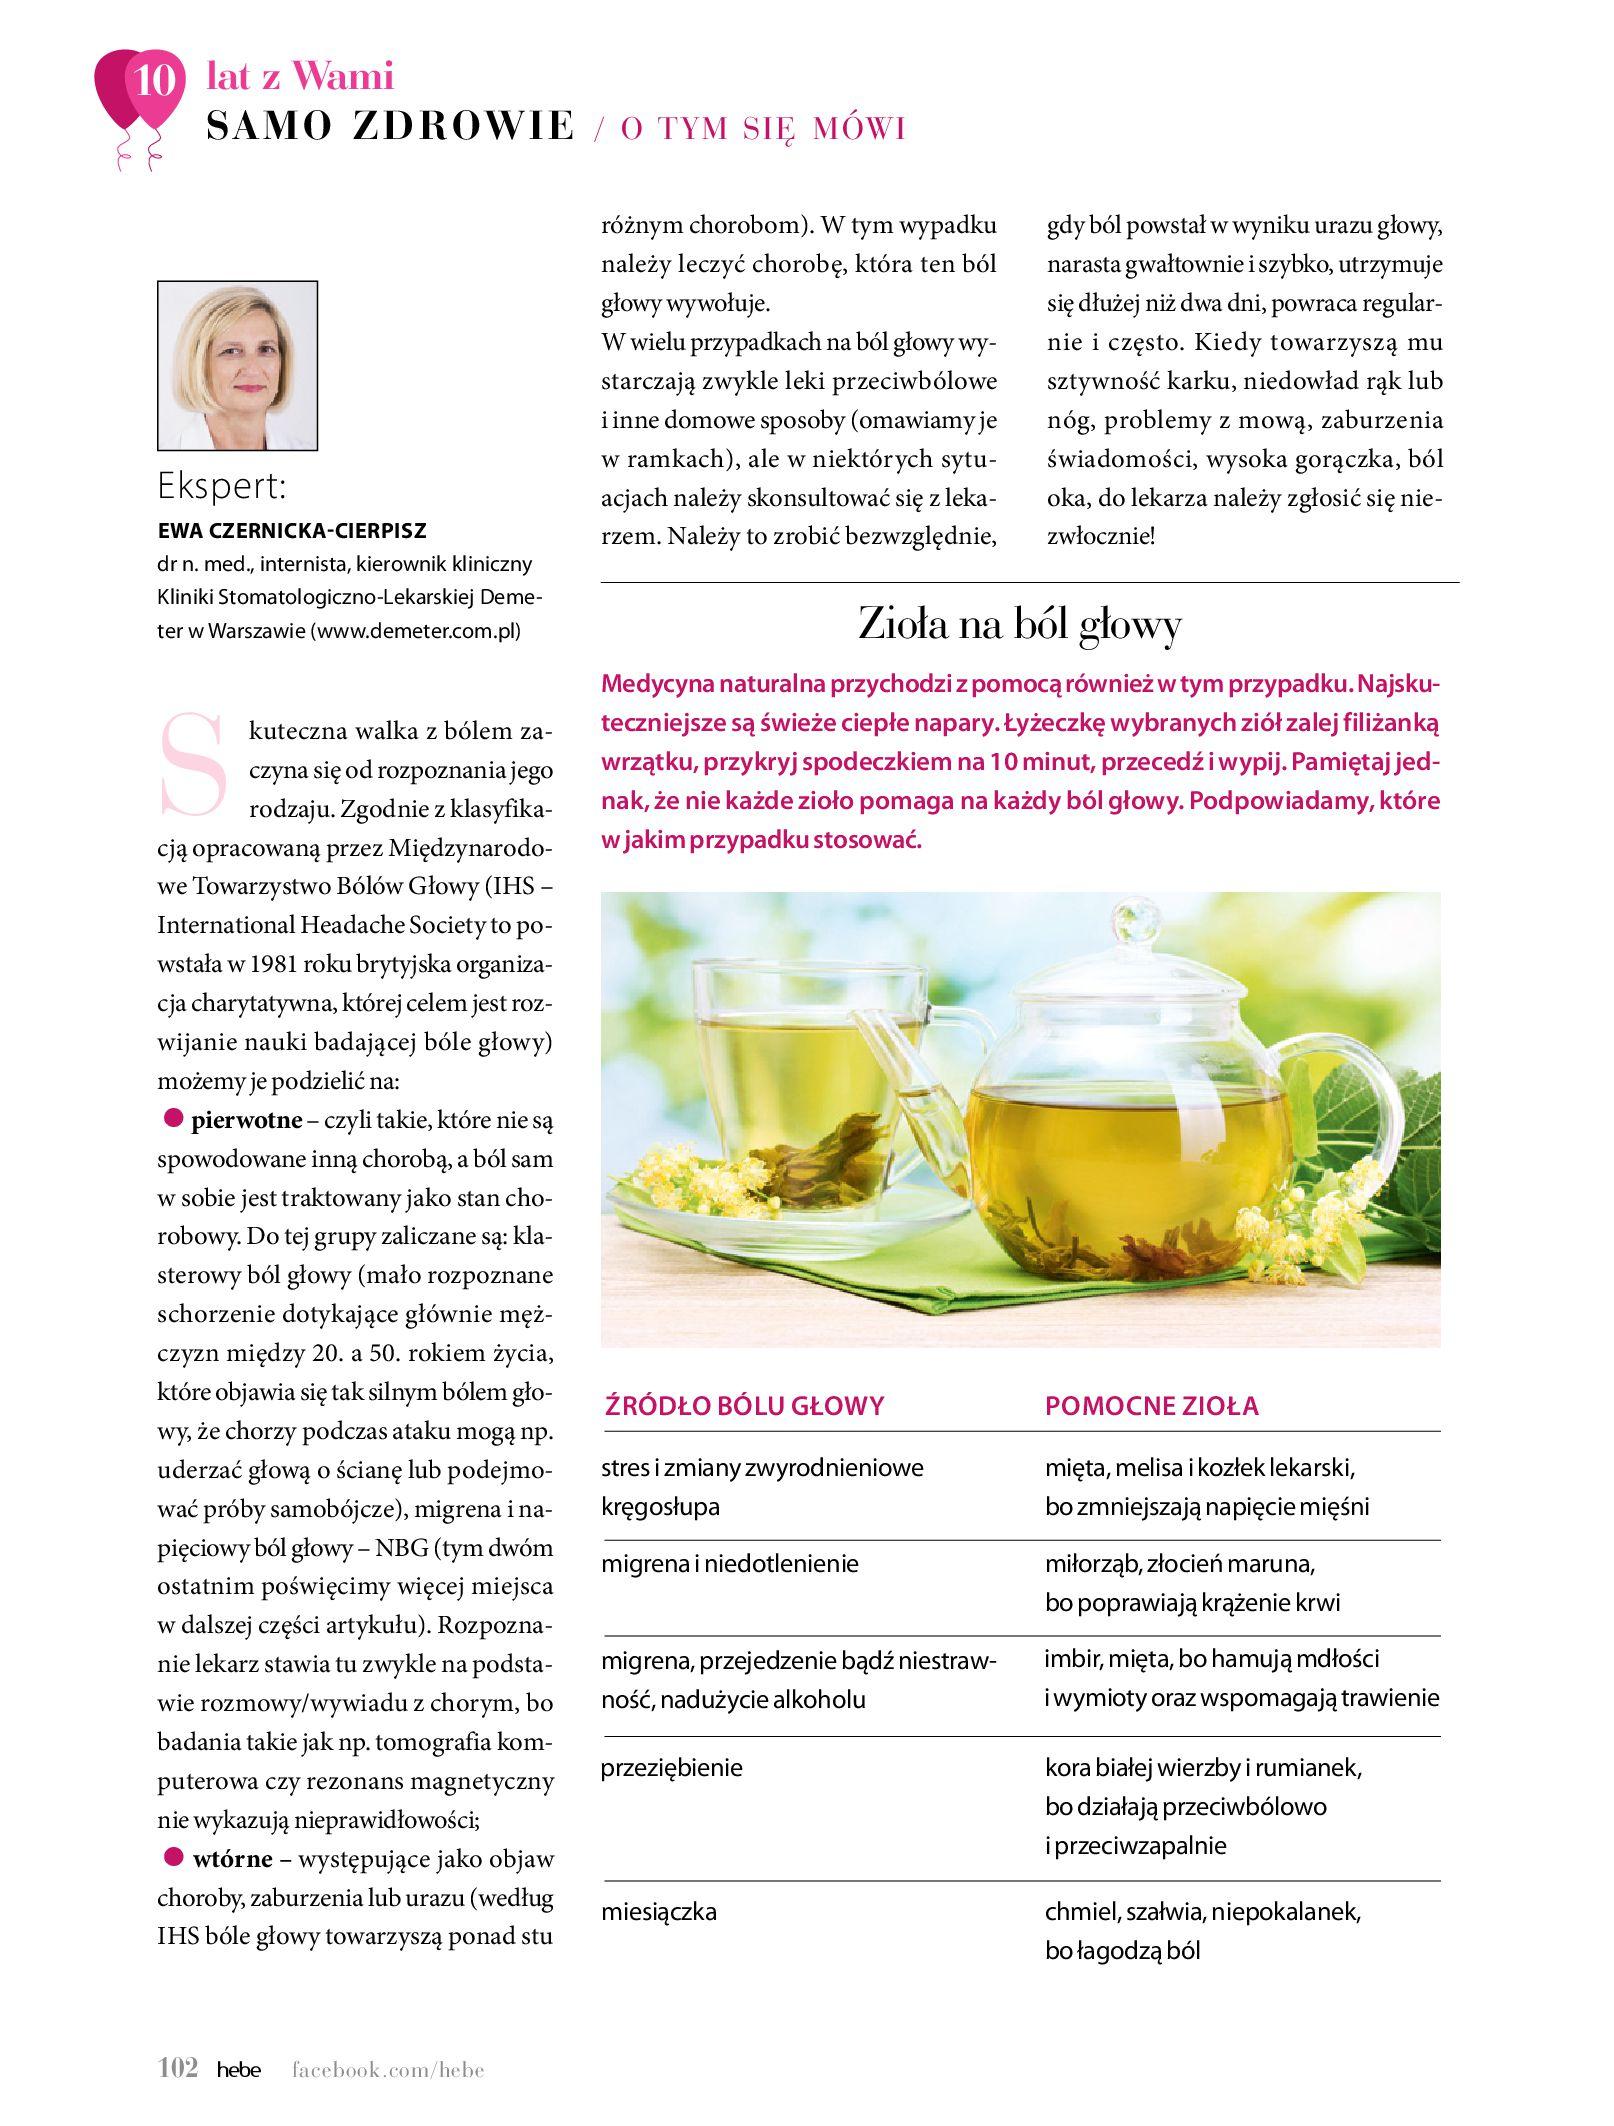 Gazetka hebe: Gazetka Hebe - Magazyn  2021-05-01 page-102